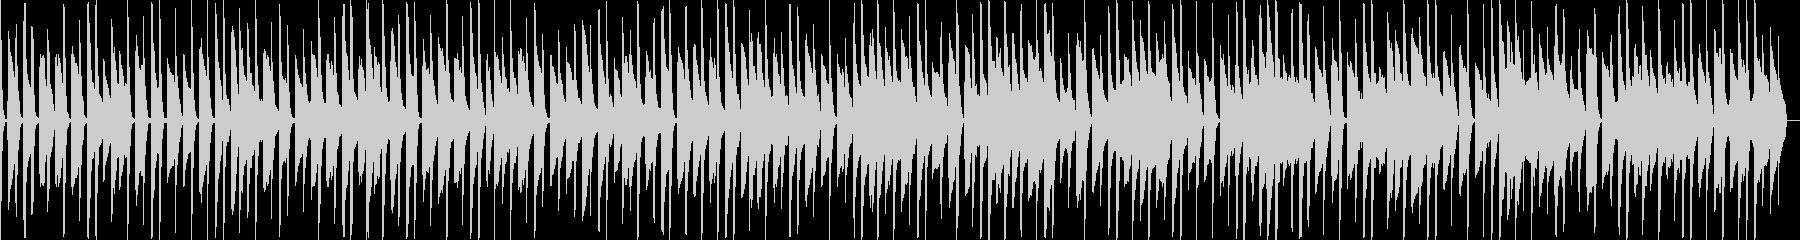 スマホゲームなど、ほのぼのデジタル音楽の未再生の波形